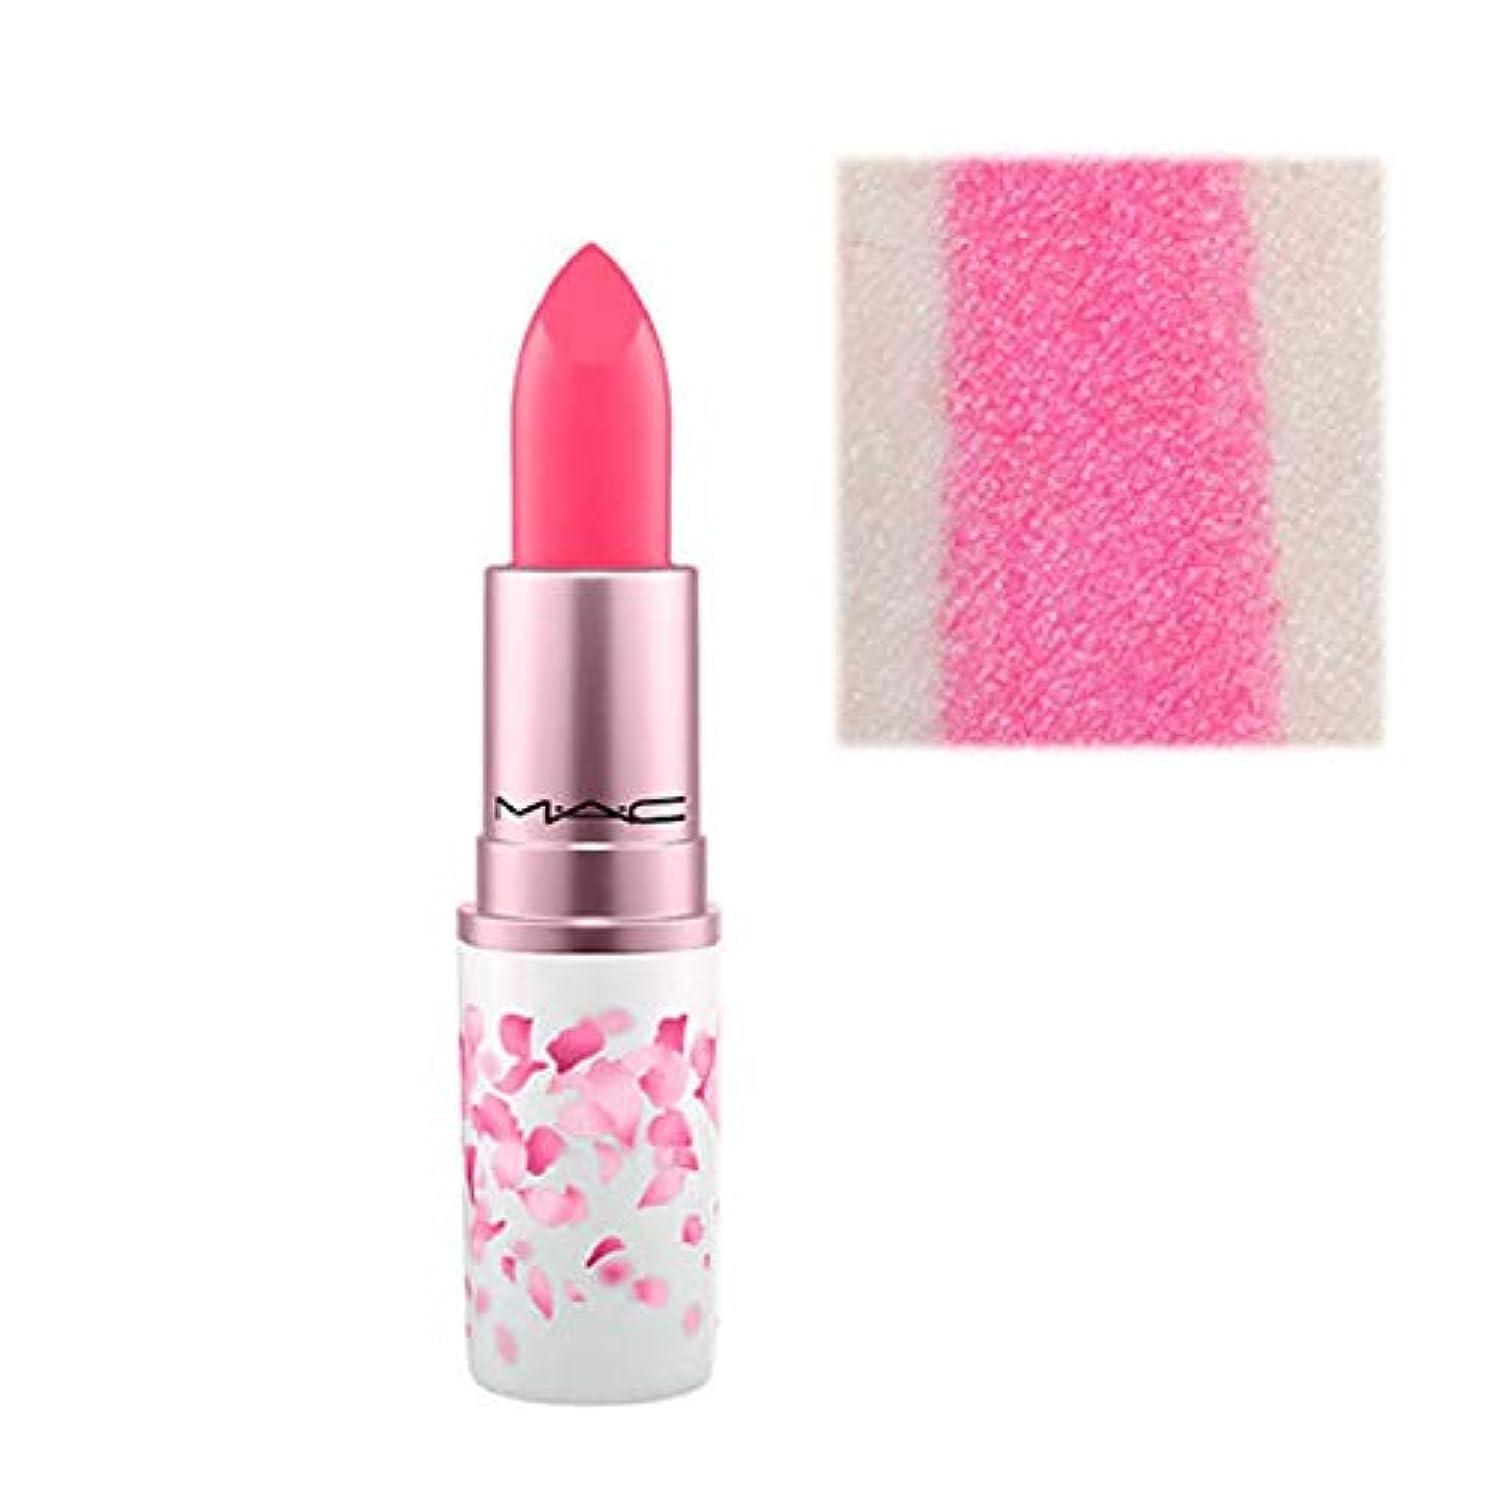 ピッチャーバリアM.A.C ?マック, 限定版, 2019 Spring, Lipstick/Boom, Boom, Bloom - Tsk Tsk [海外直送品] [並行輸入品]